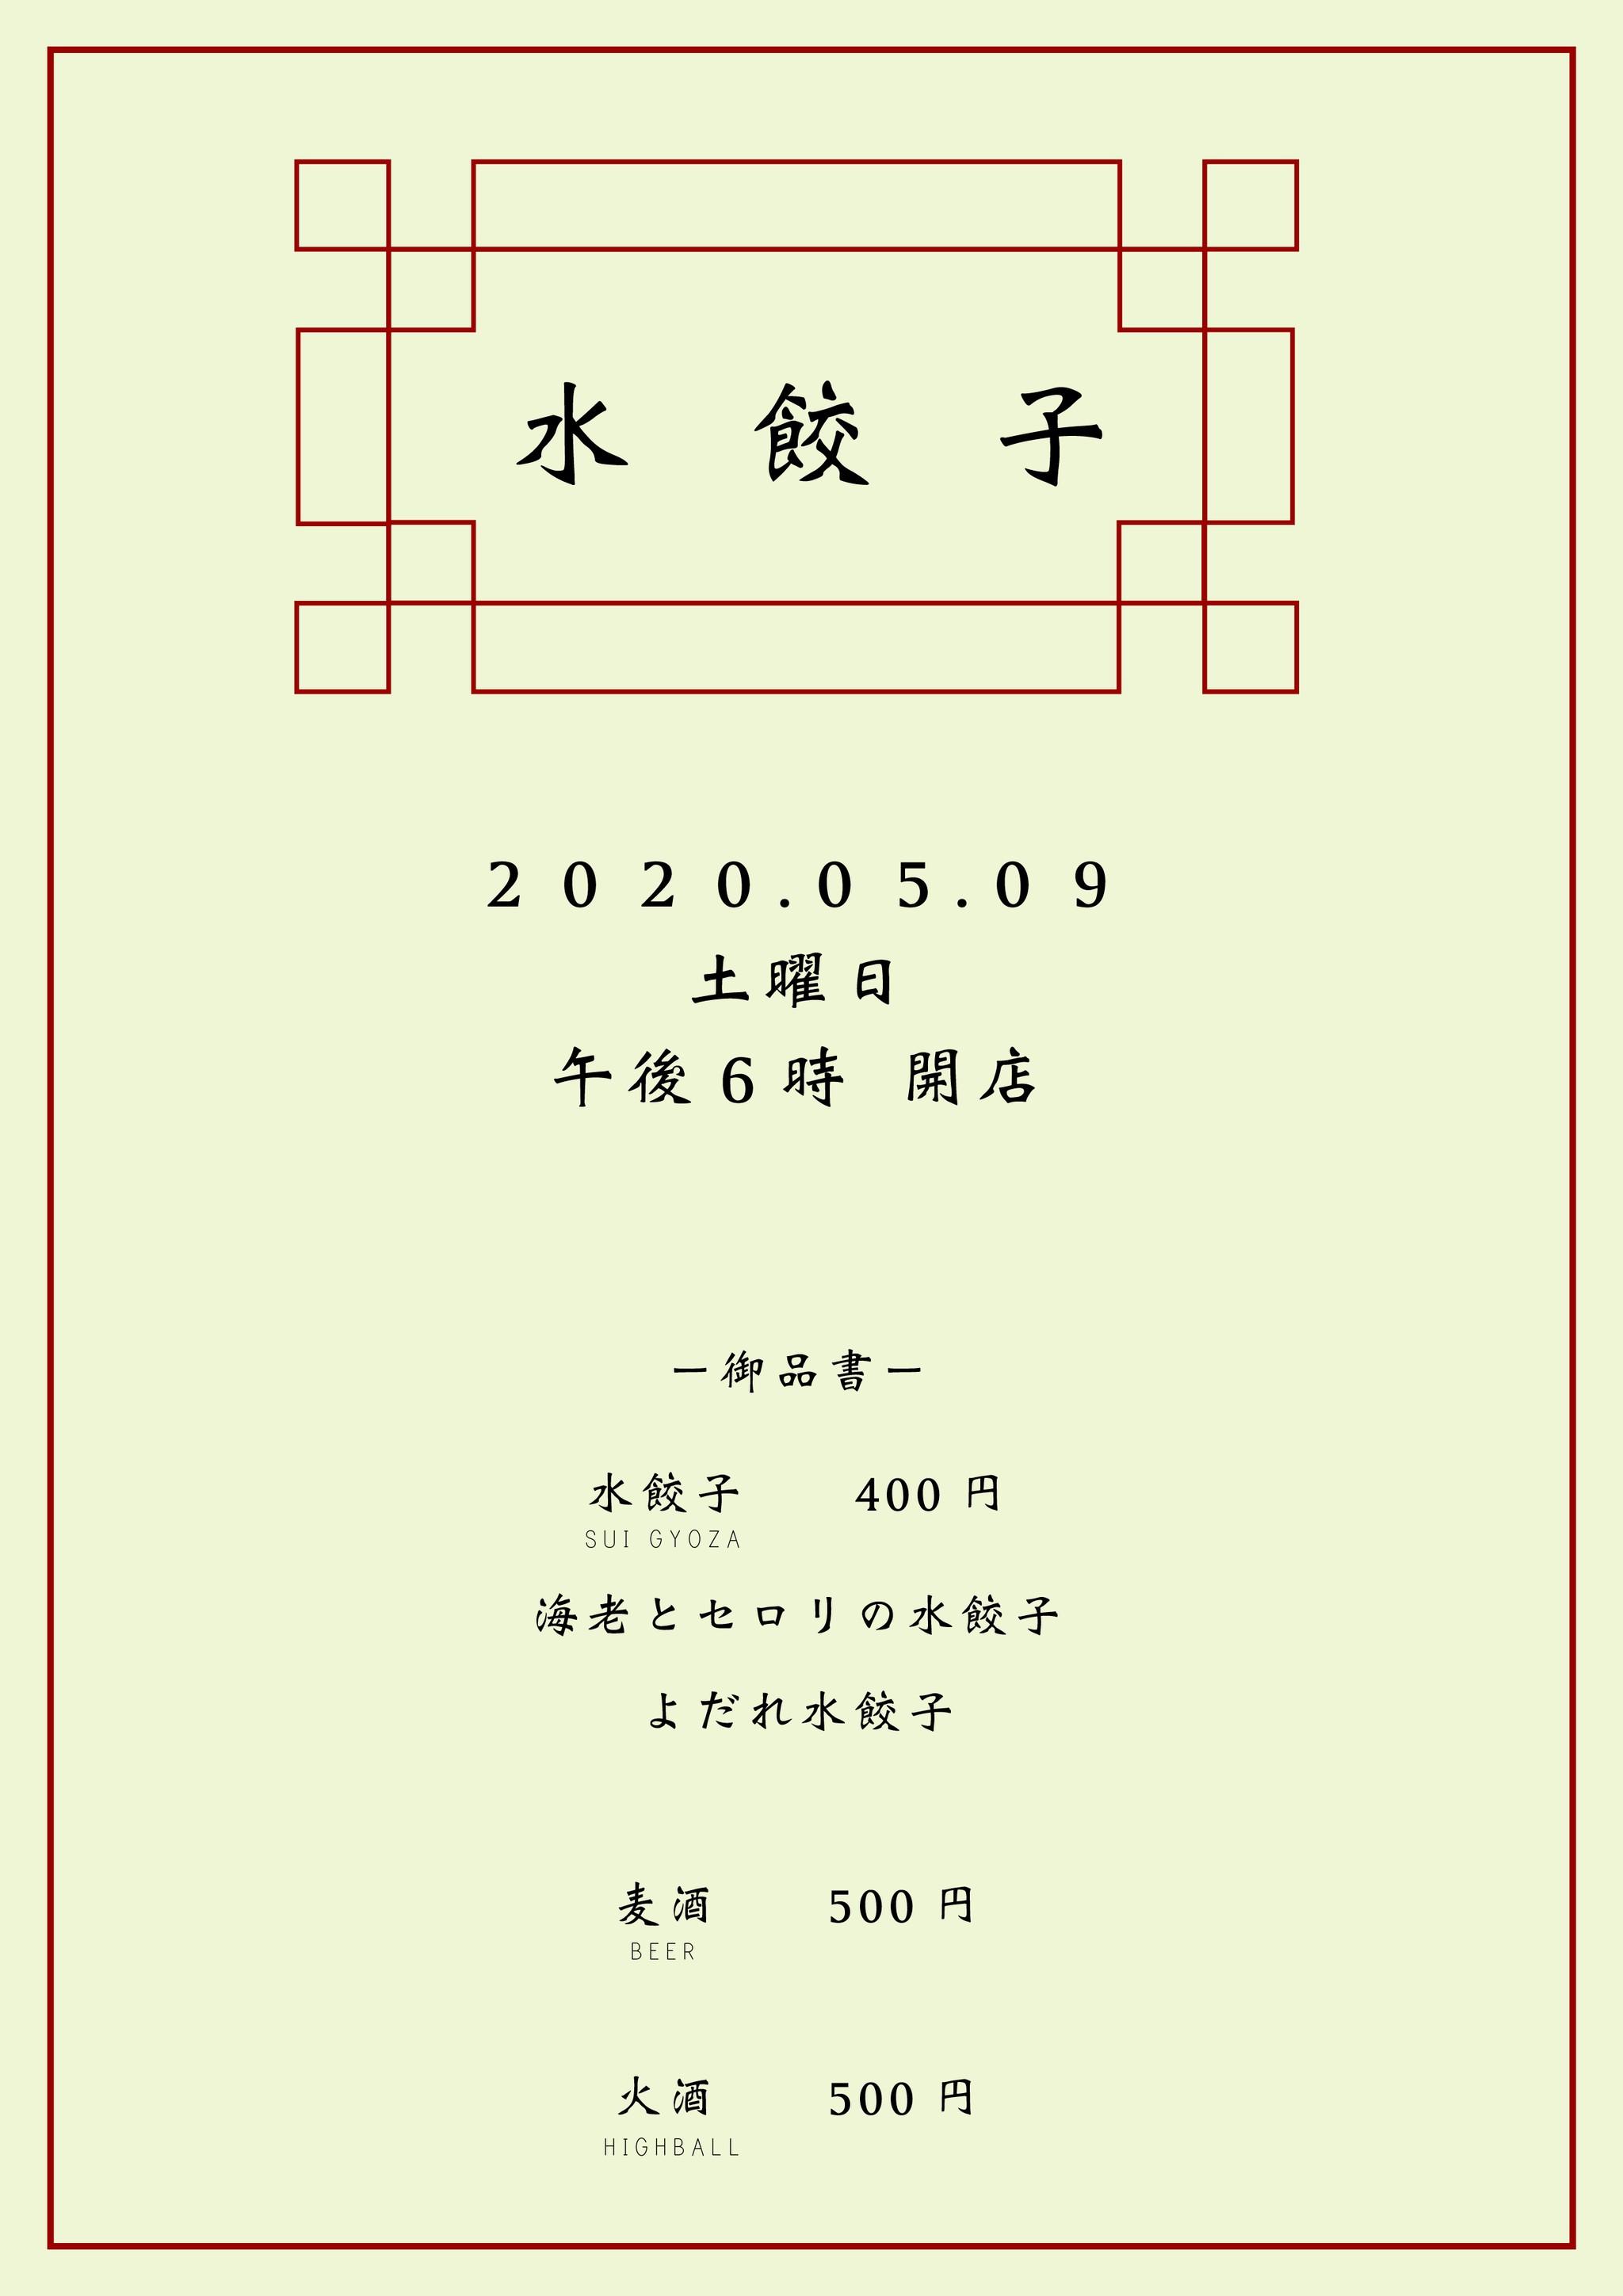 2020/05/01 屋台営業-水餃子-